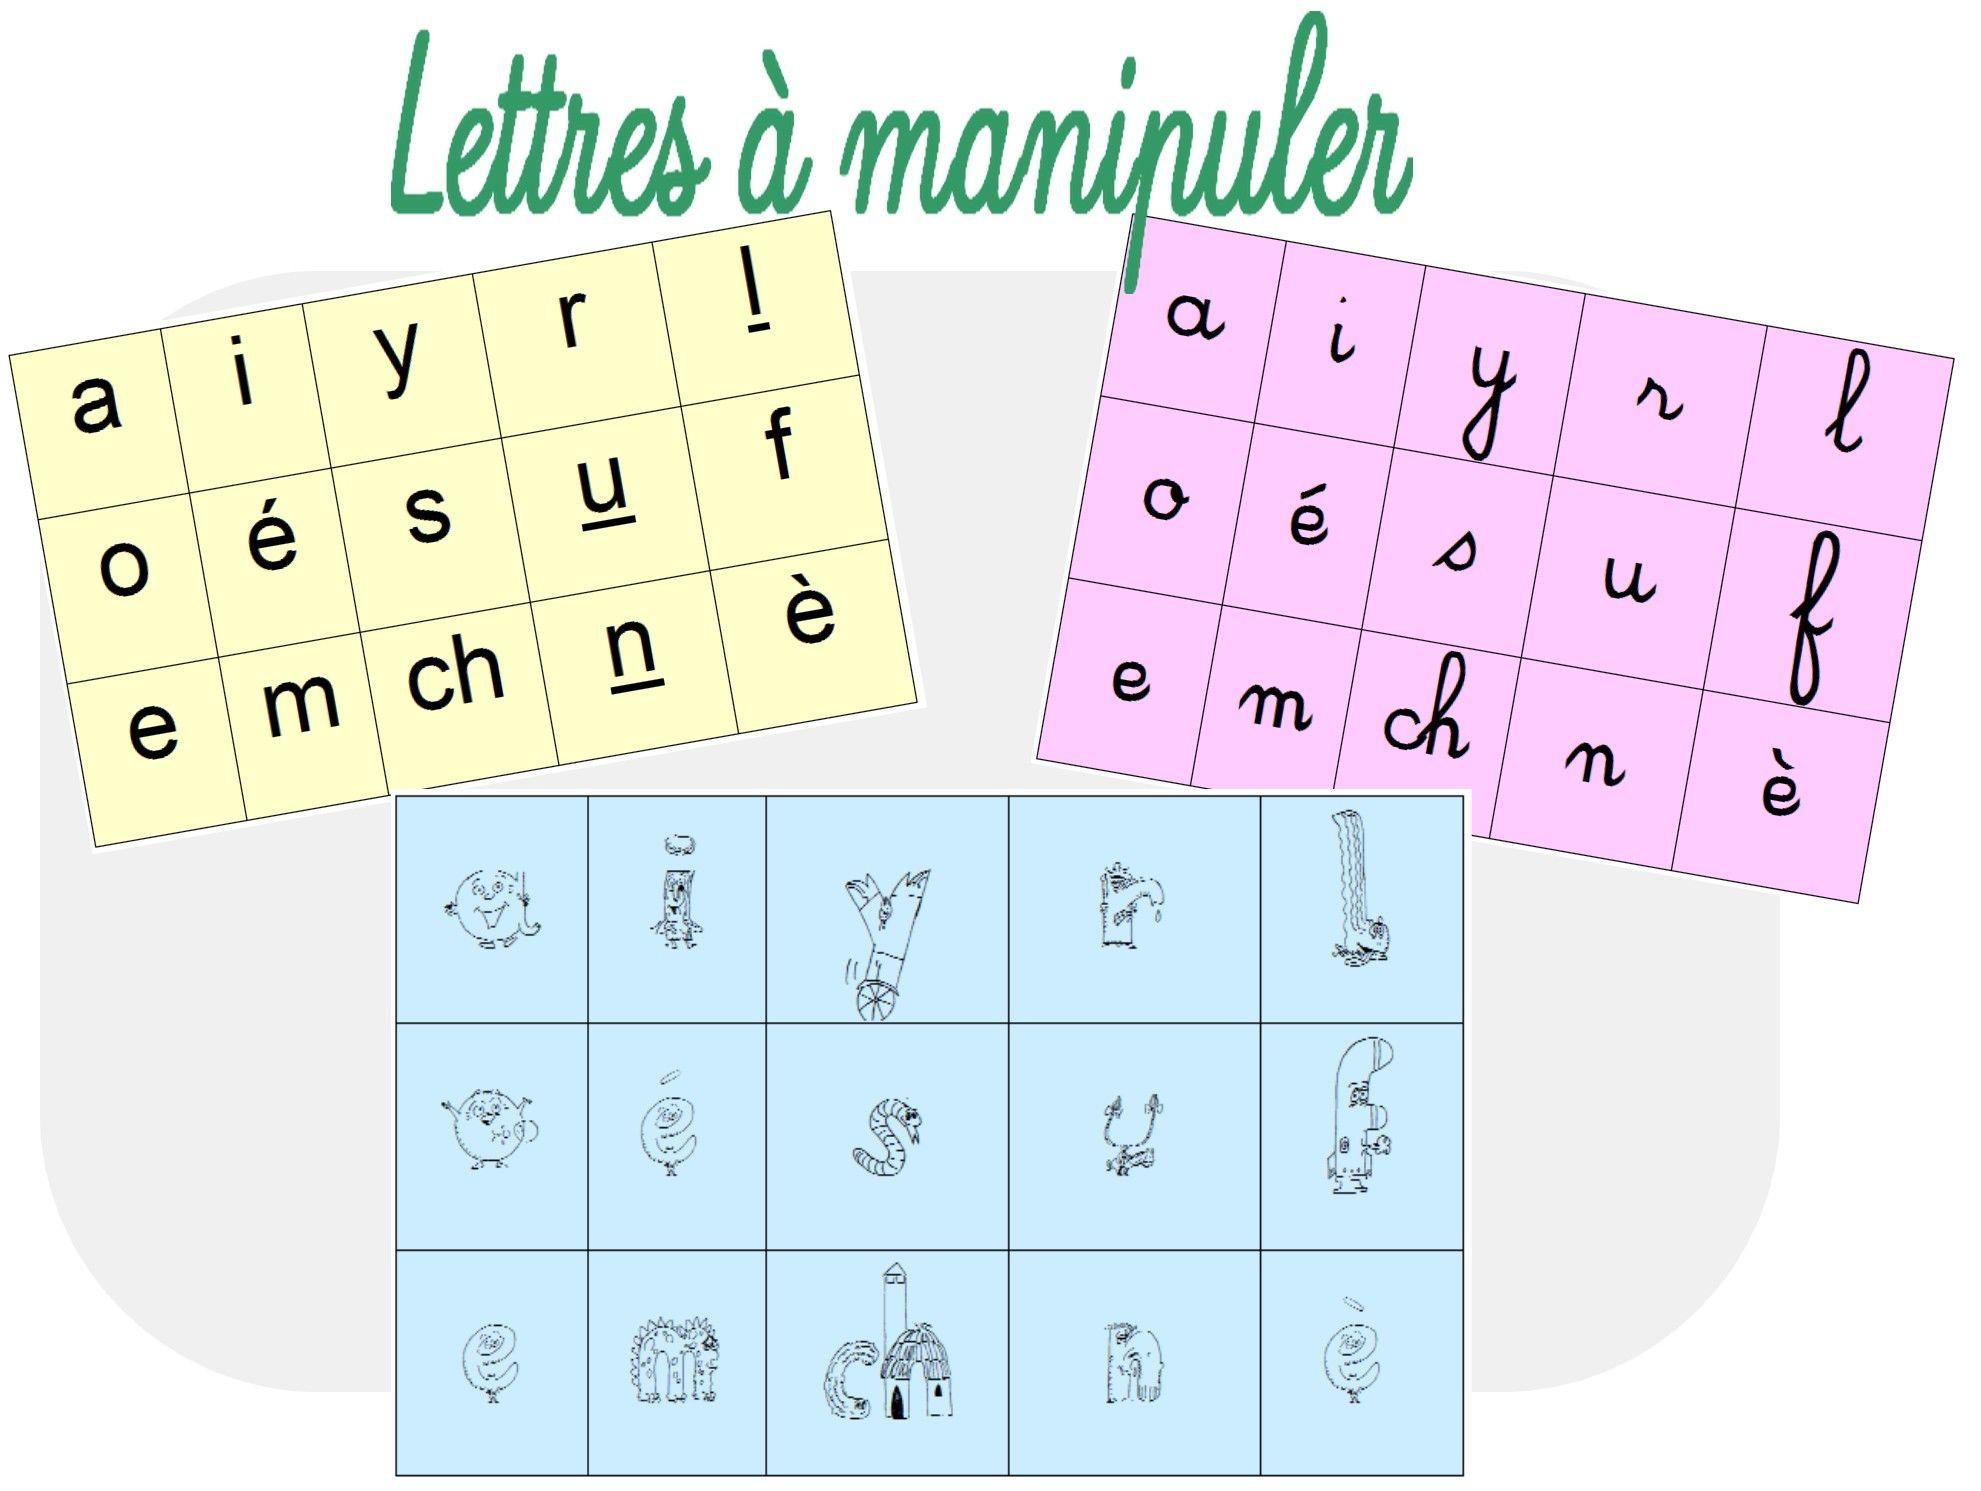 Exceptionnel Lettres mobiles pour dictées muettes | lecture cp | Pinterest  TD84